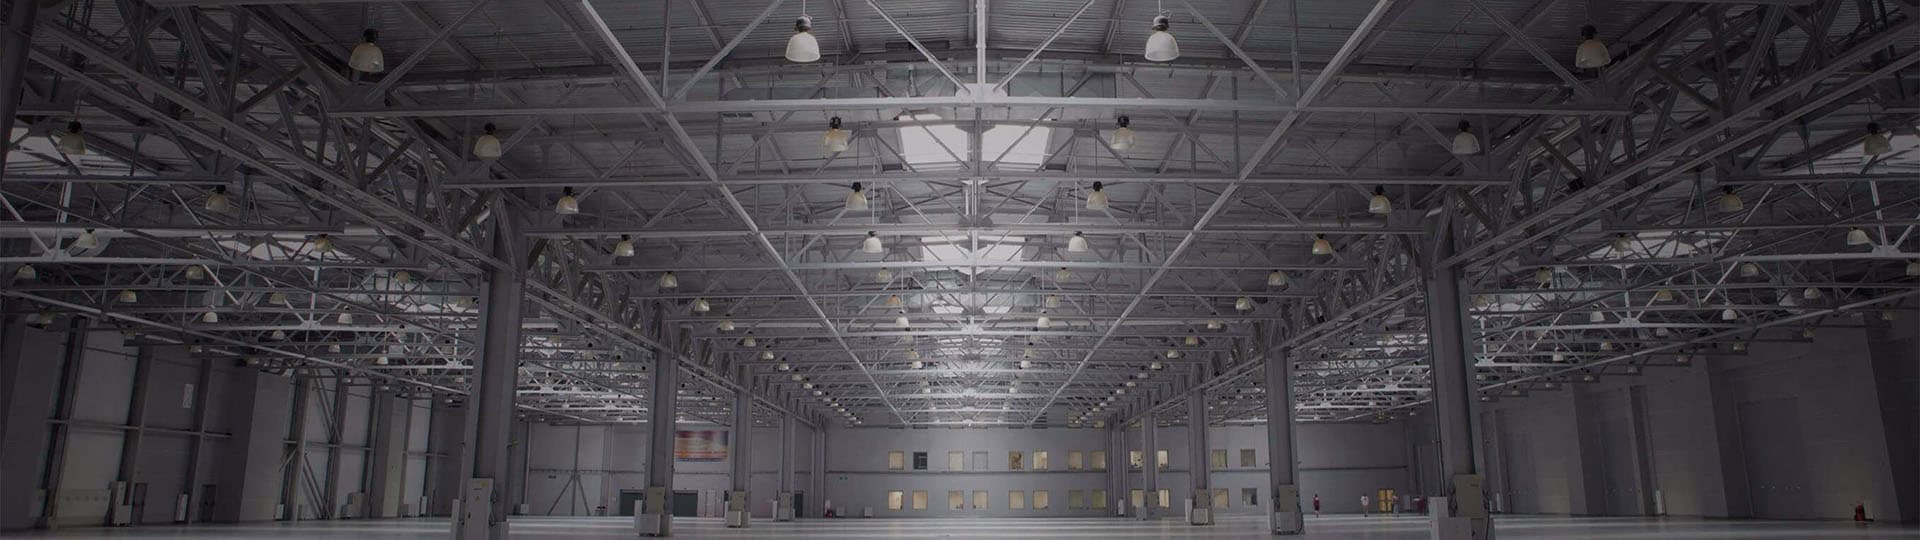 Proiectare-hale-metalice-industriale-prefabricate-weiss-design